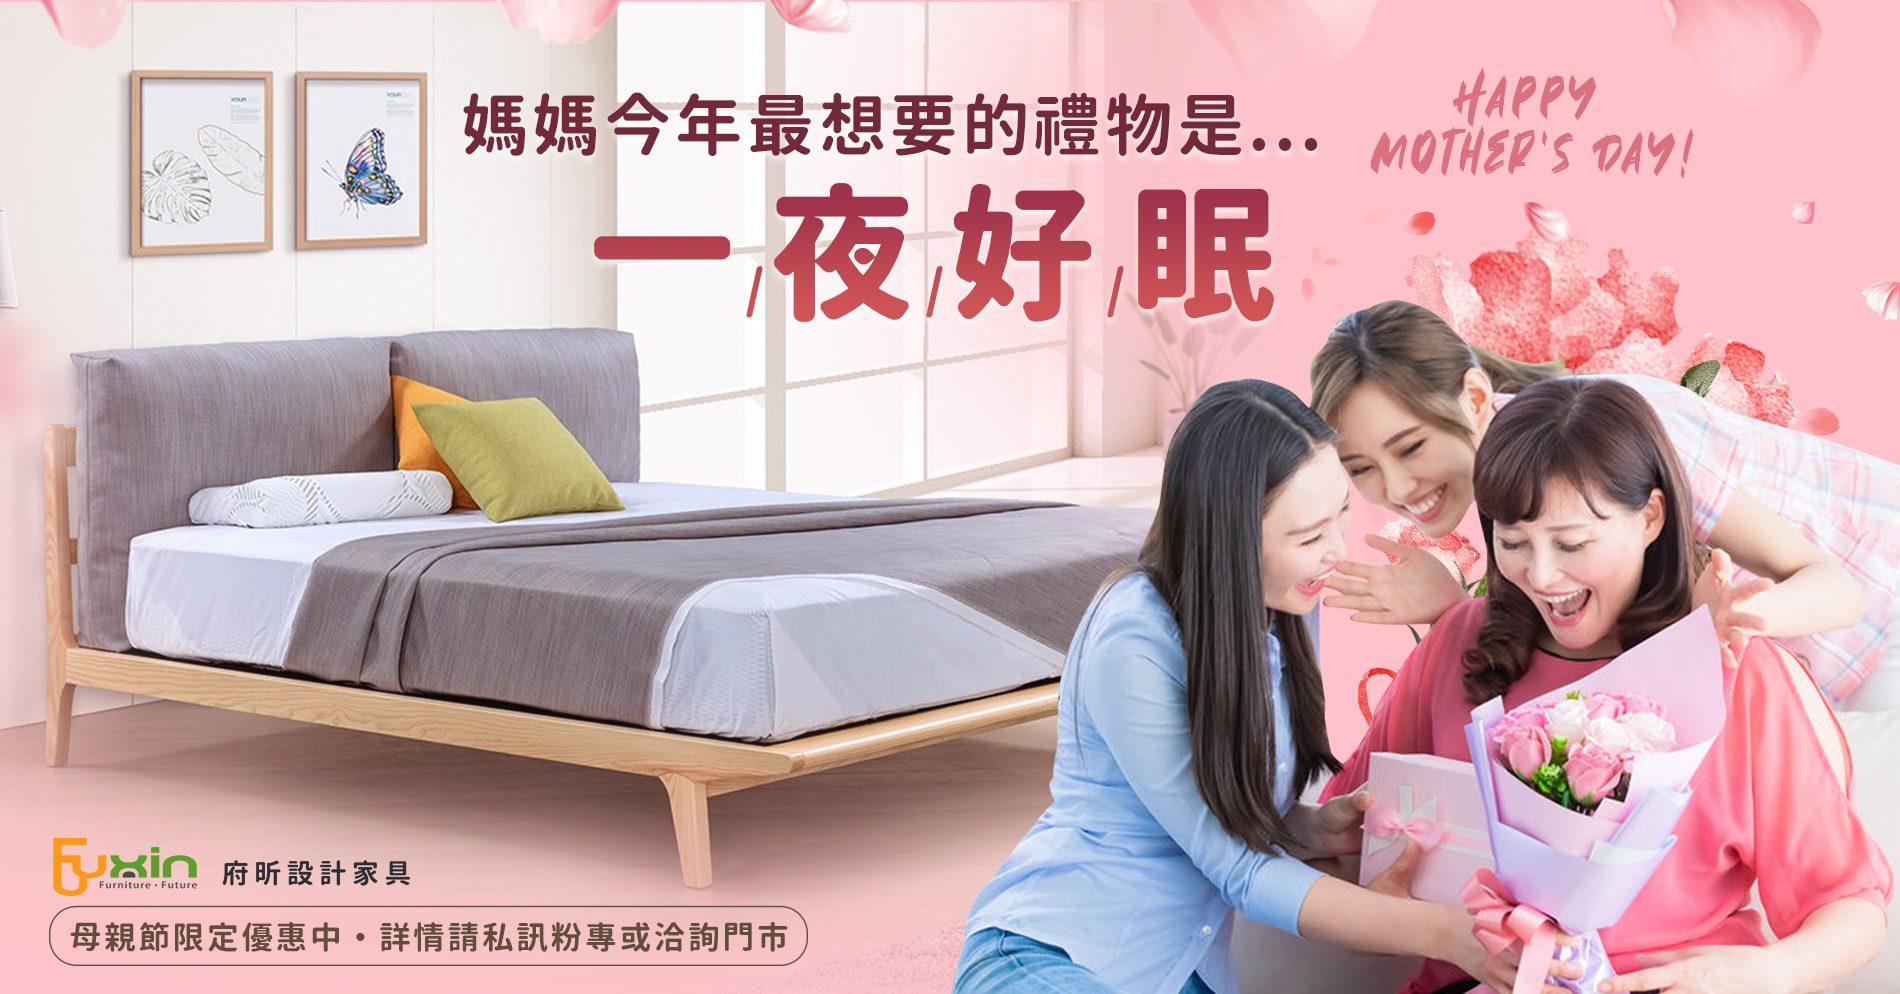 府昕母親節廣告_官網